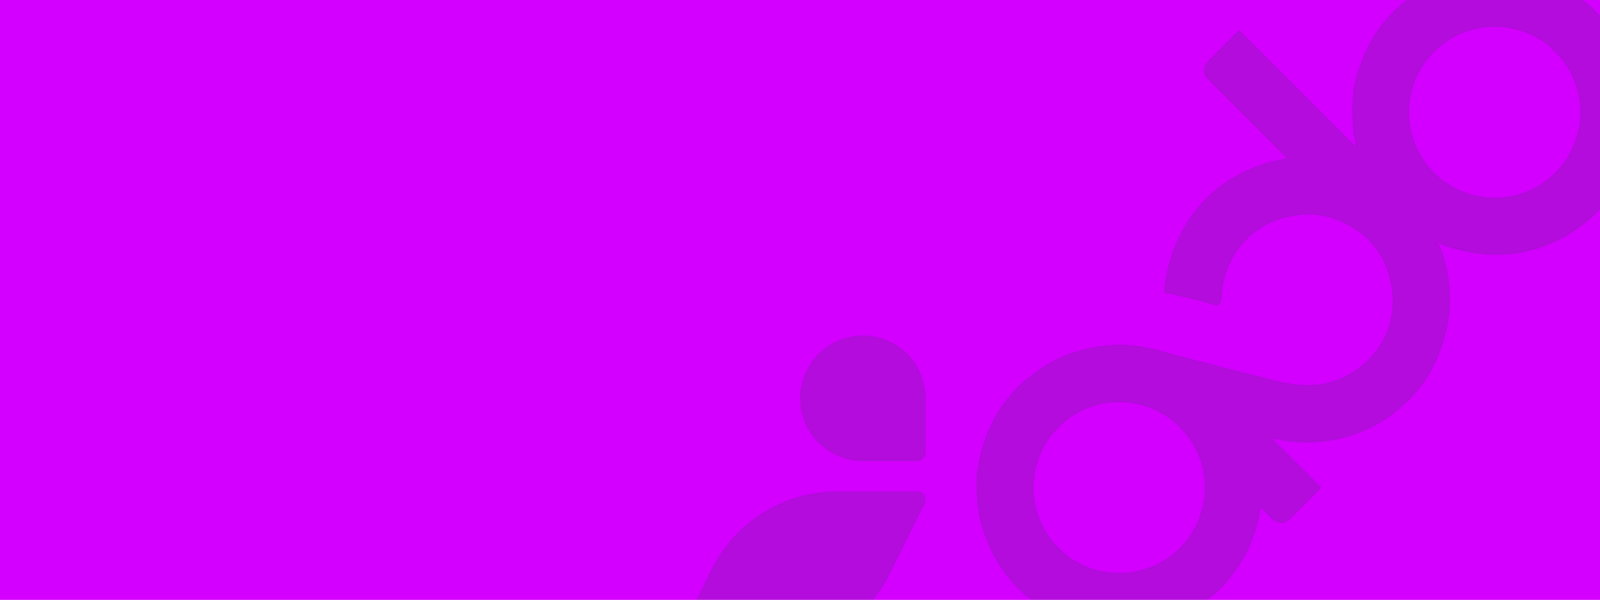 Website Headers_Ada - Pink 5